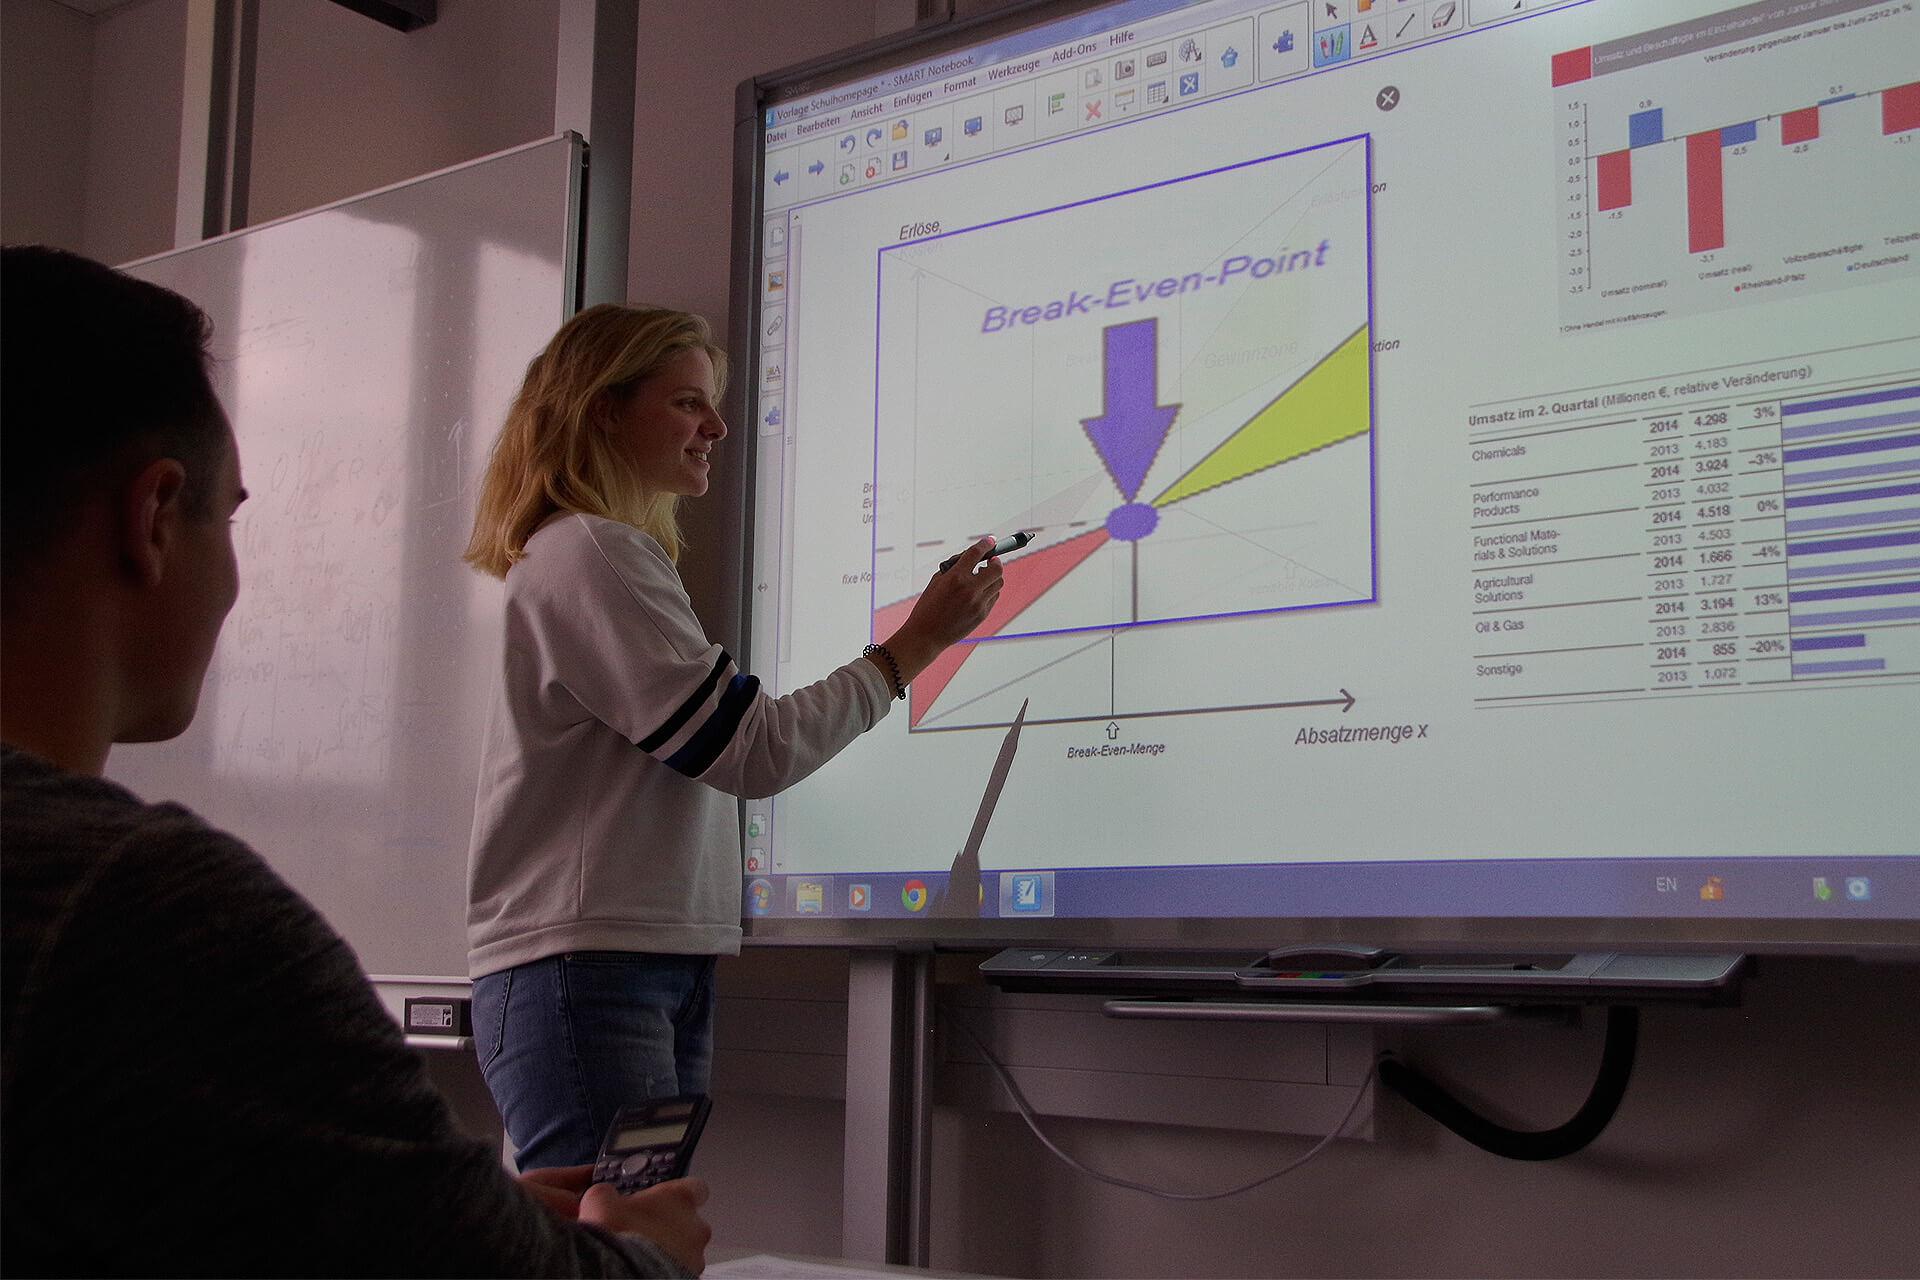 fos-ausbildungsrichtungen-wirtschaft-content-impressionen-2